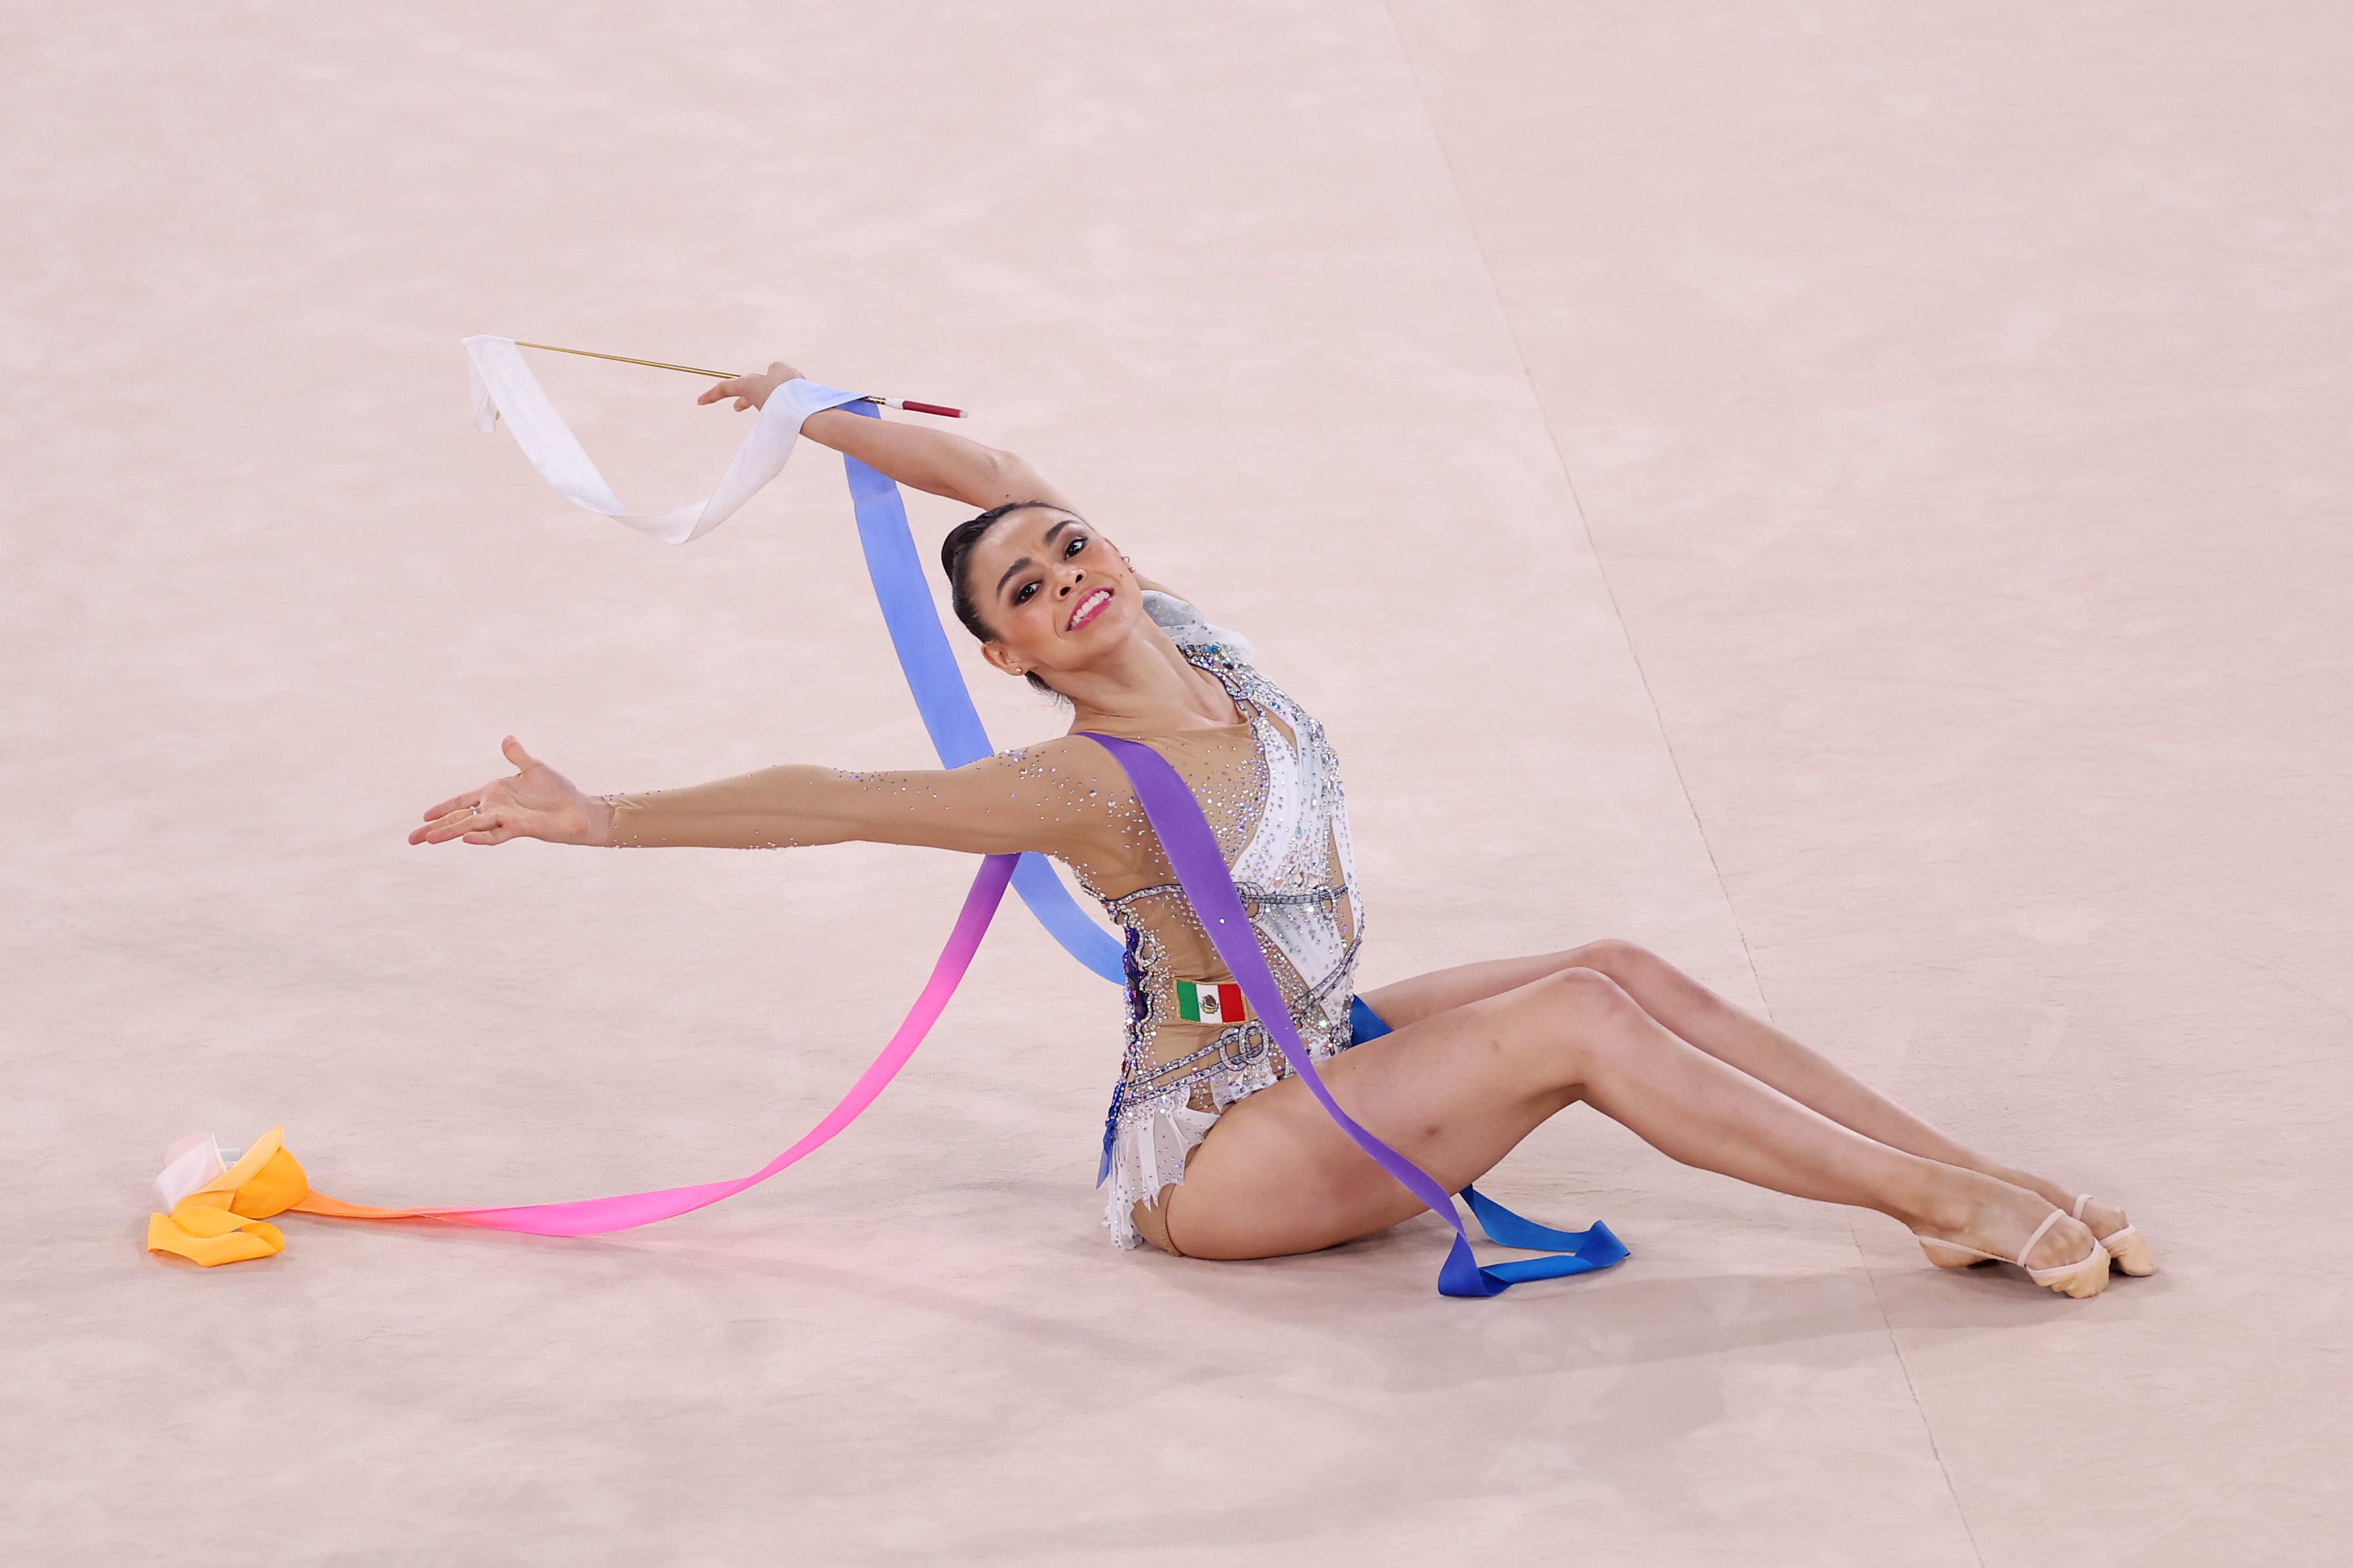 Gymnastics - Rhythmic - Olympics: Day 14